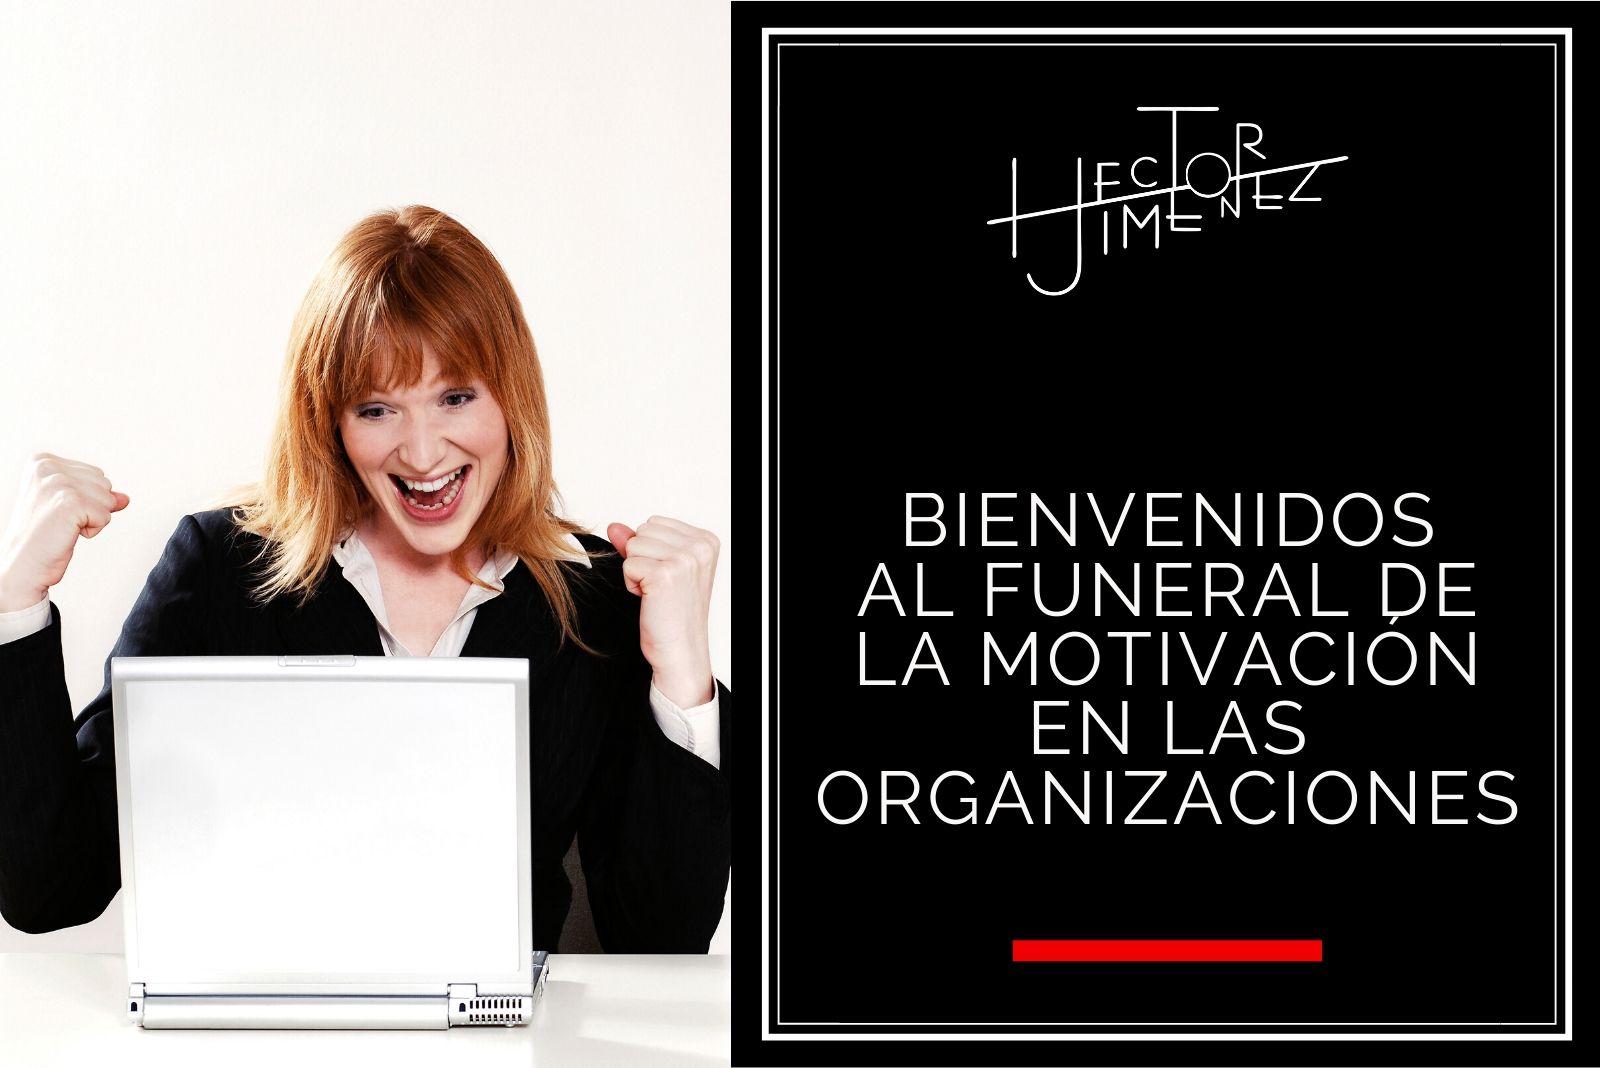 Hector Jimenez - Bienvenidos Al Funeral De La Motivación En Las Organizaciones